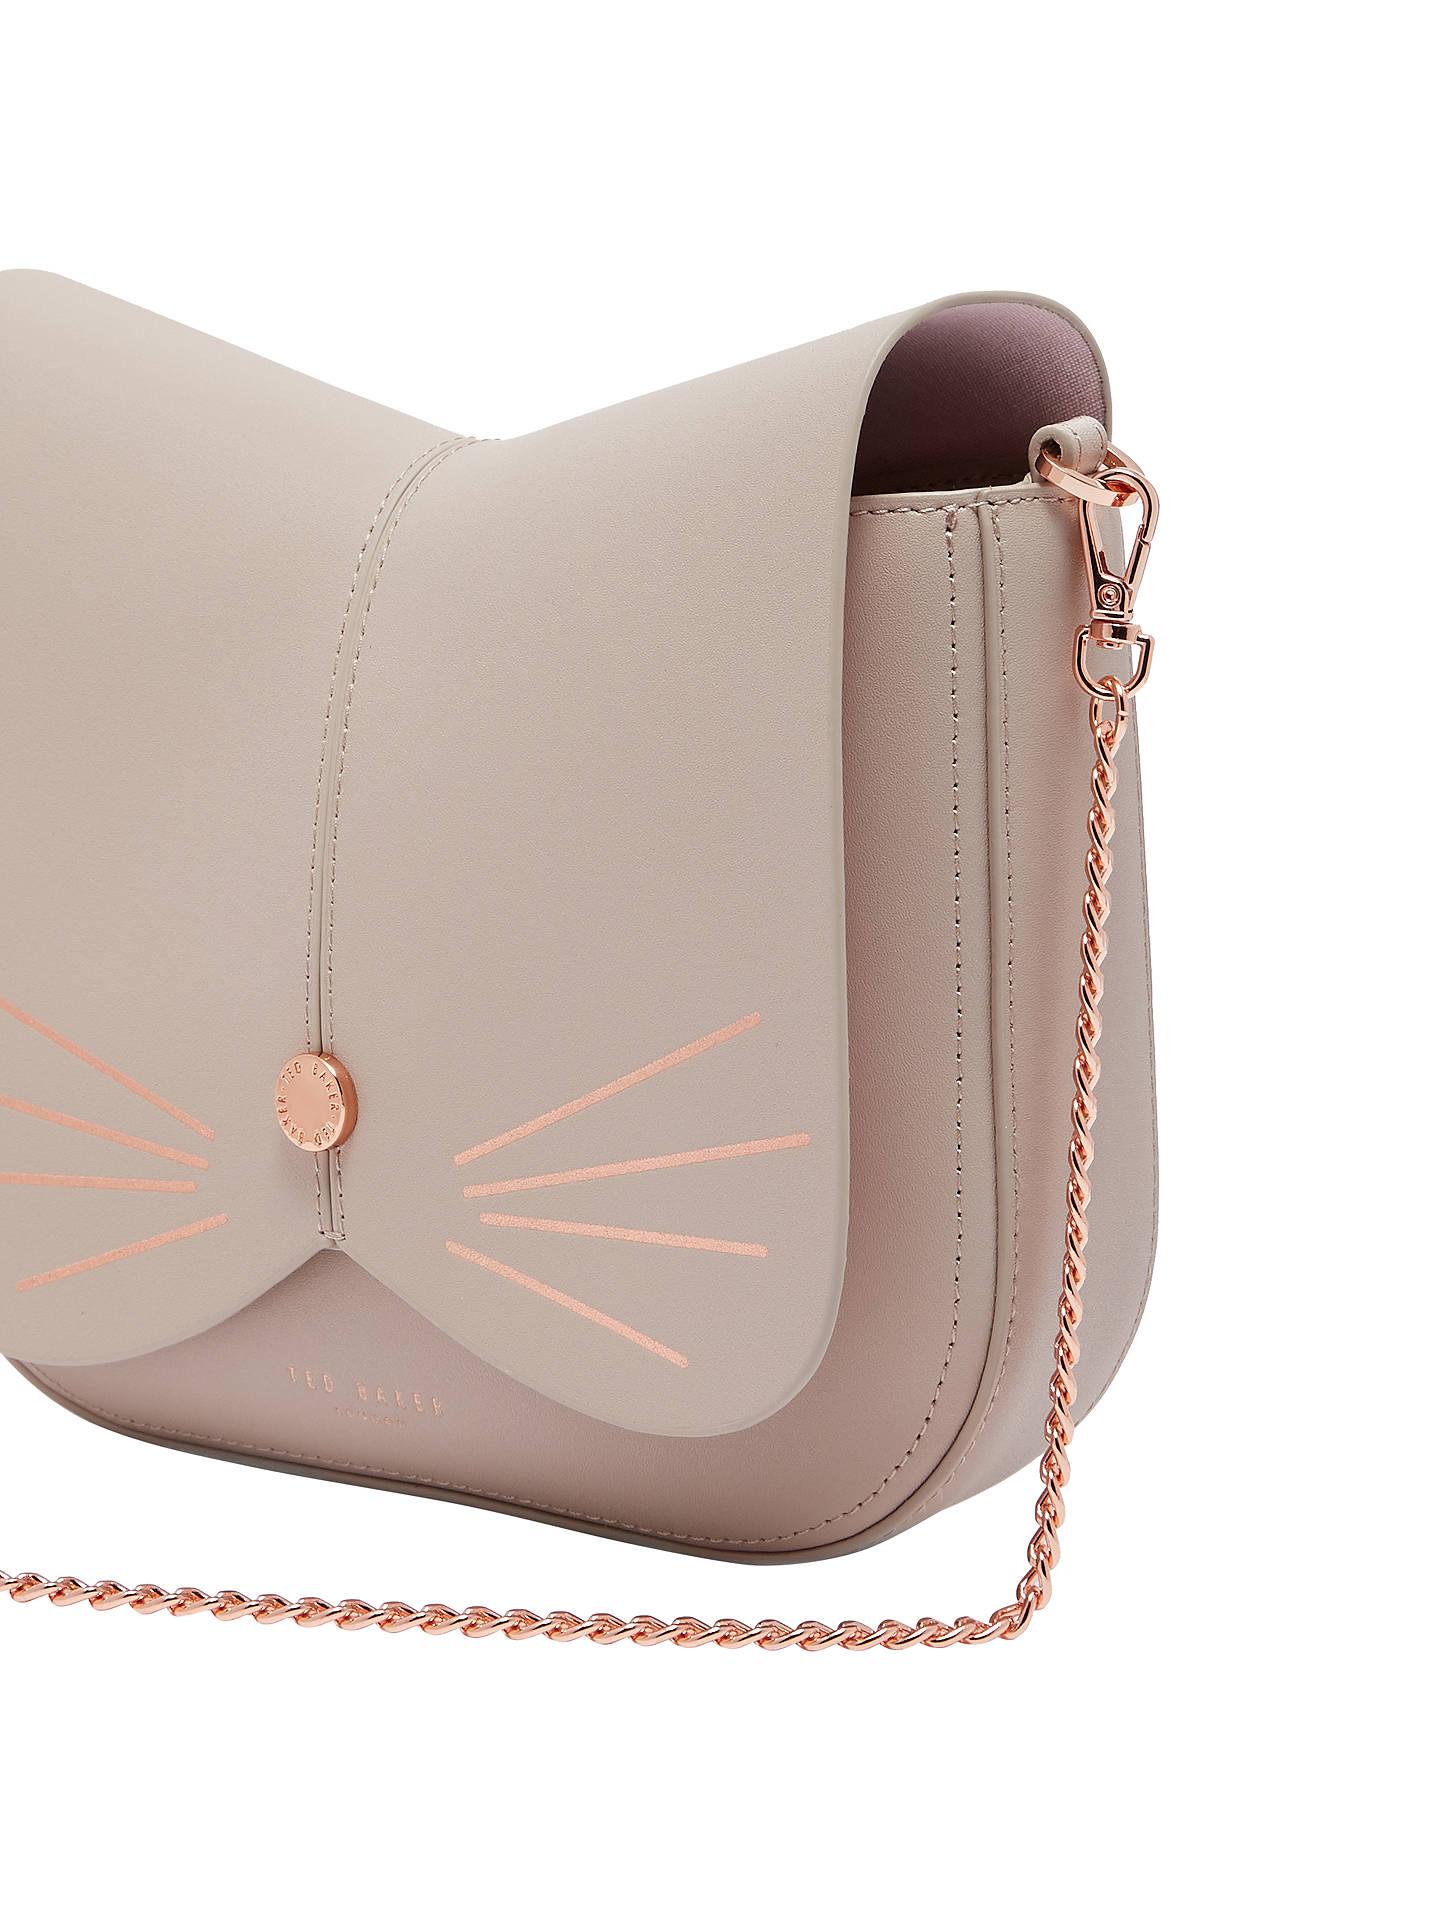 99c248b351 ... Buy Ted Baker Kitti Cat Leather Across Body Bag